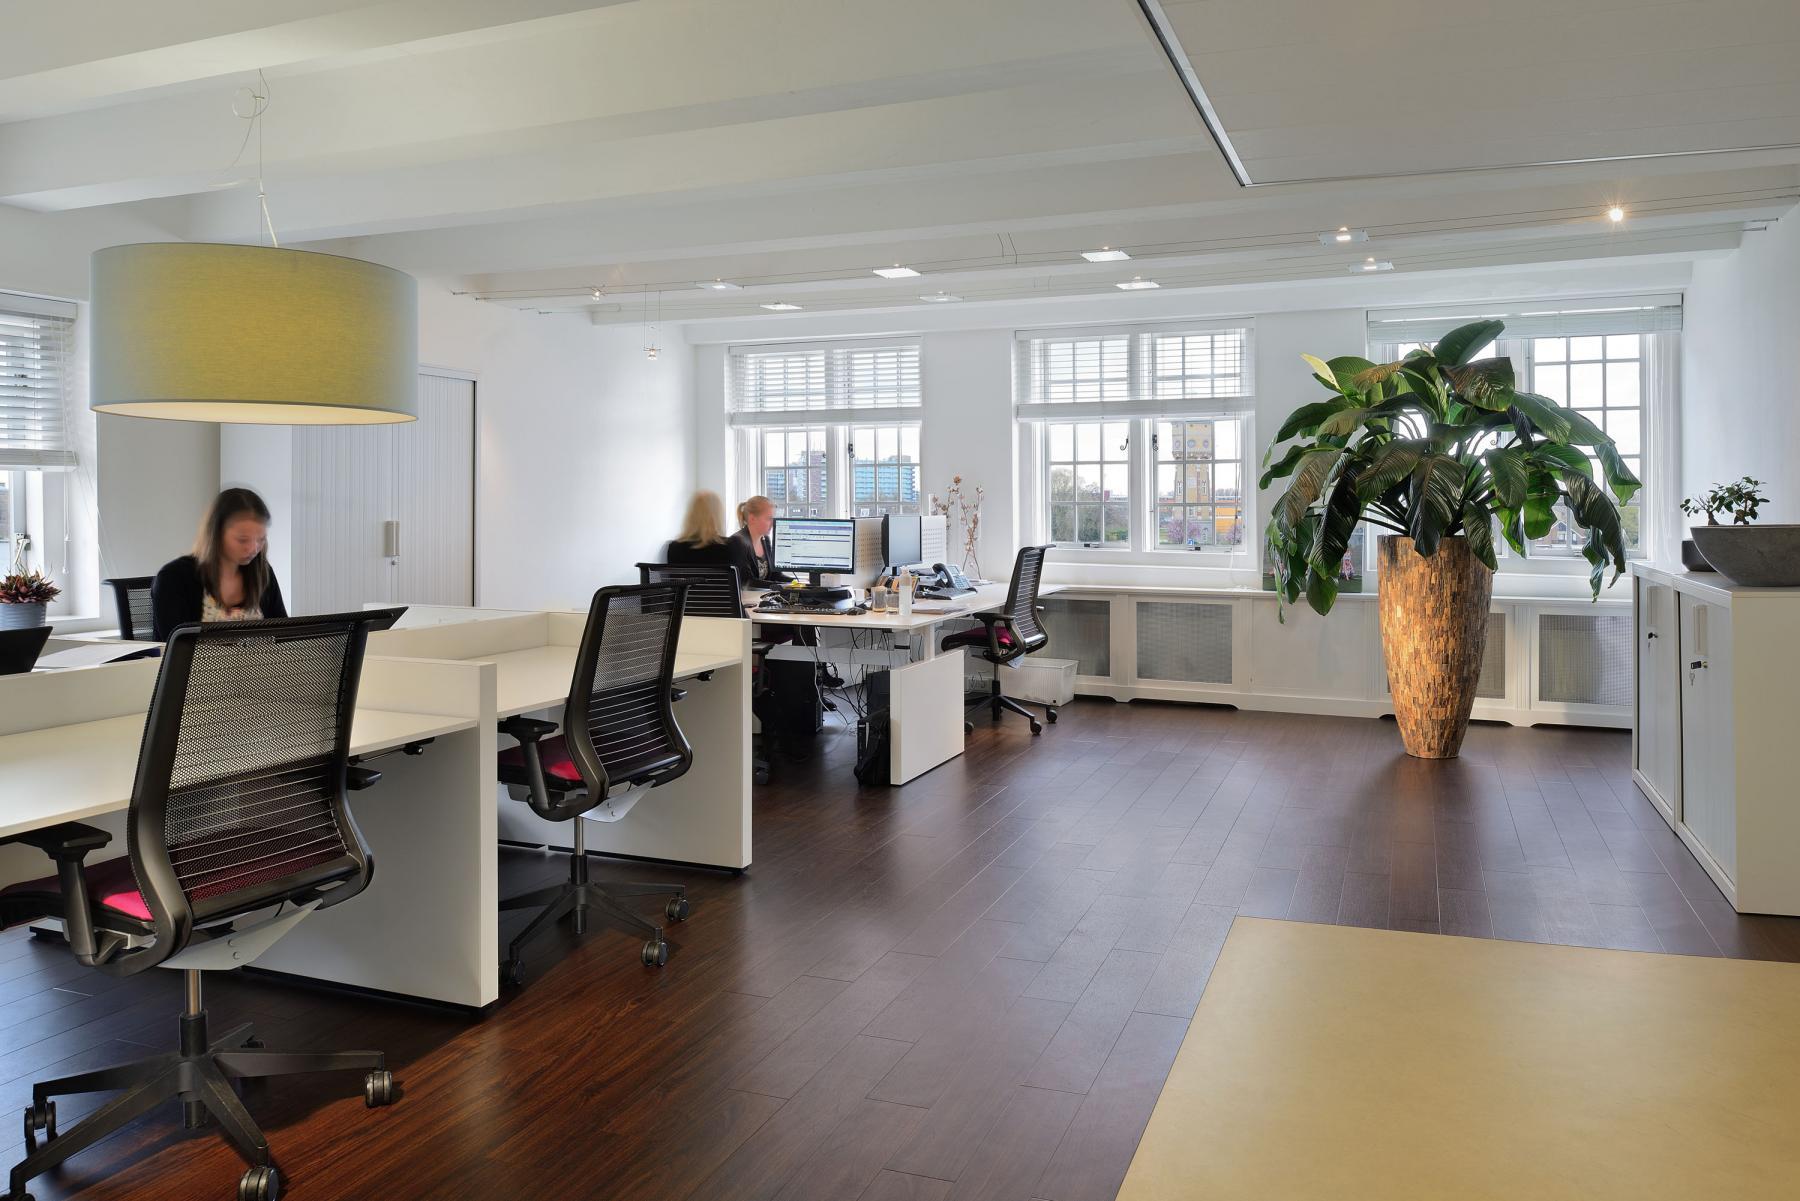 kantoorruimte beschikbaar gemeubileerd ingericht afgesloten plant parket raam uitzicht dordrecht wolwevershaven